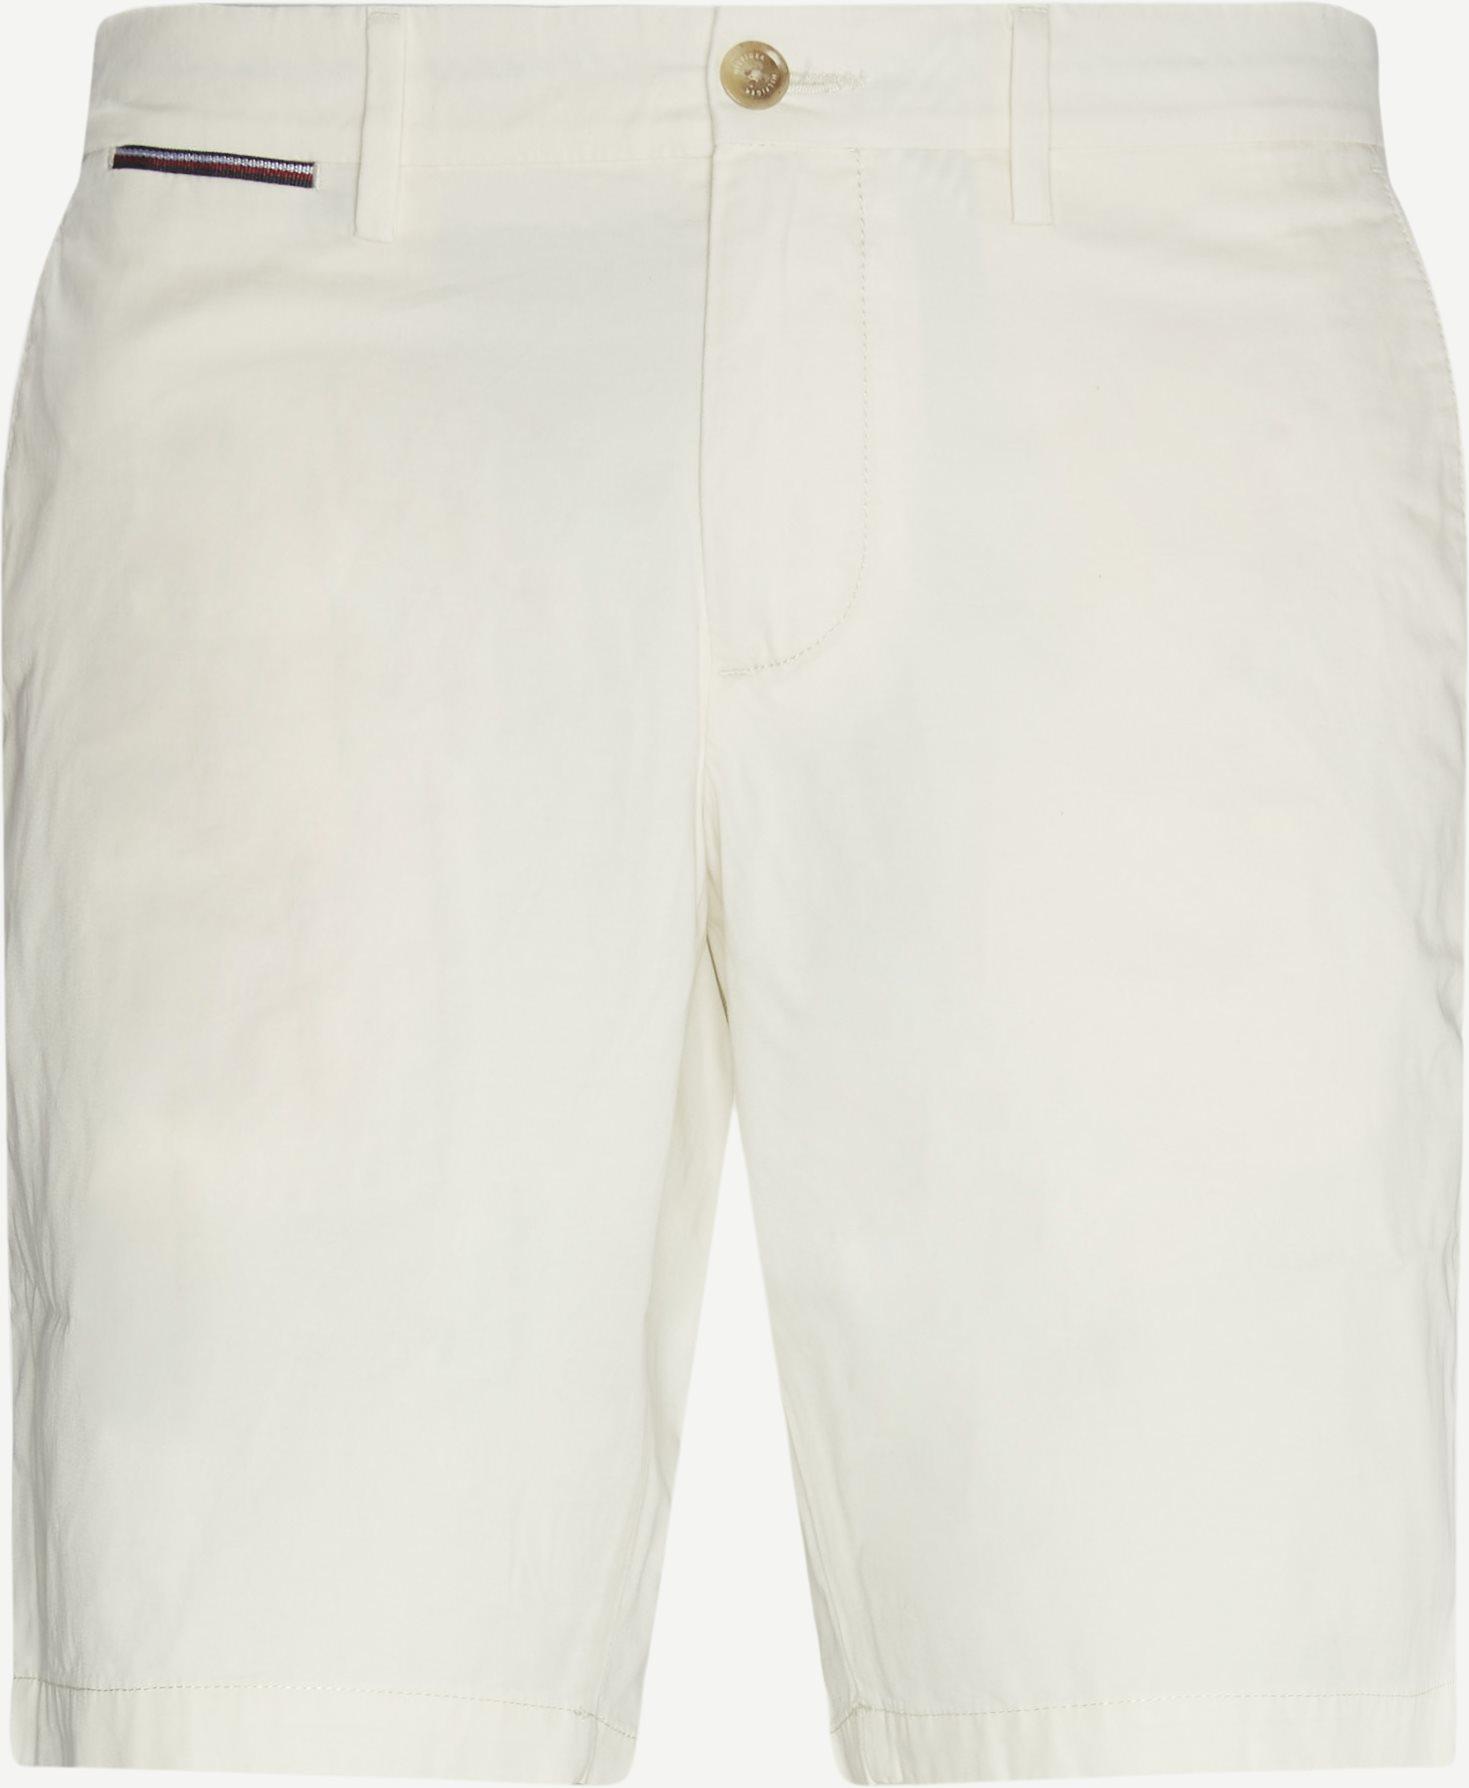 Brooklyn Short Light Shorts - Shorts - Regular fit - Sand